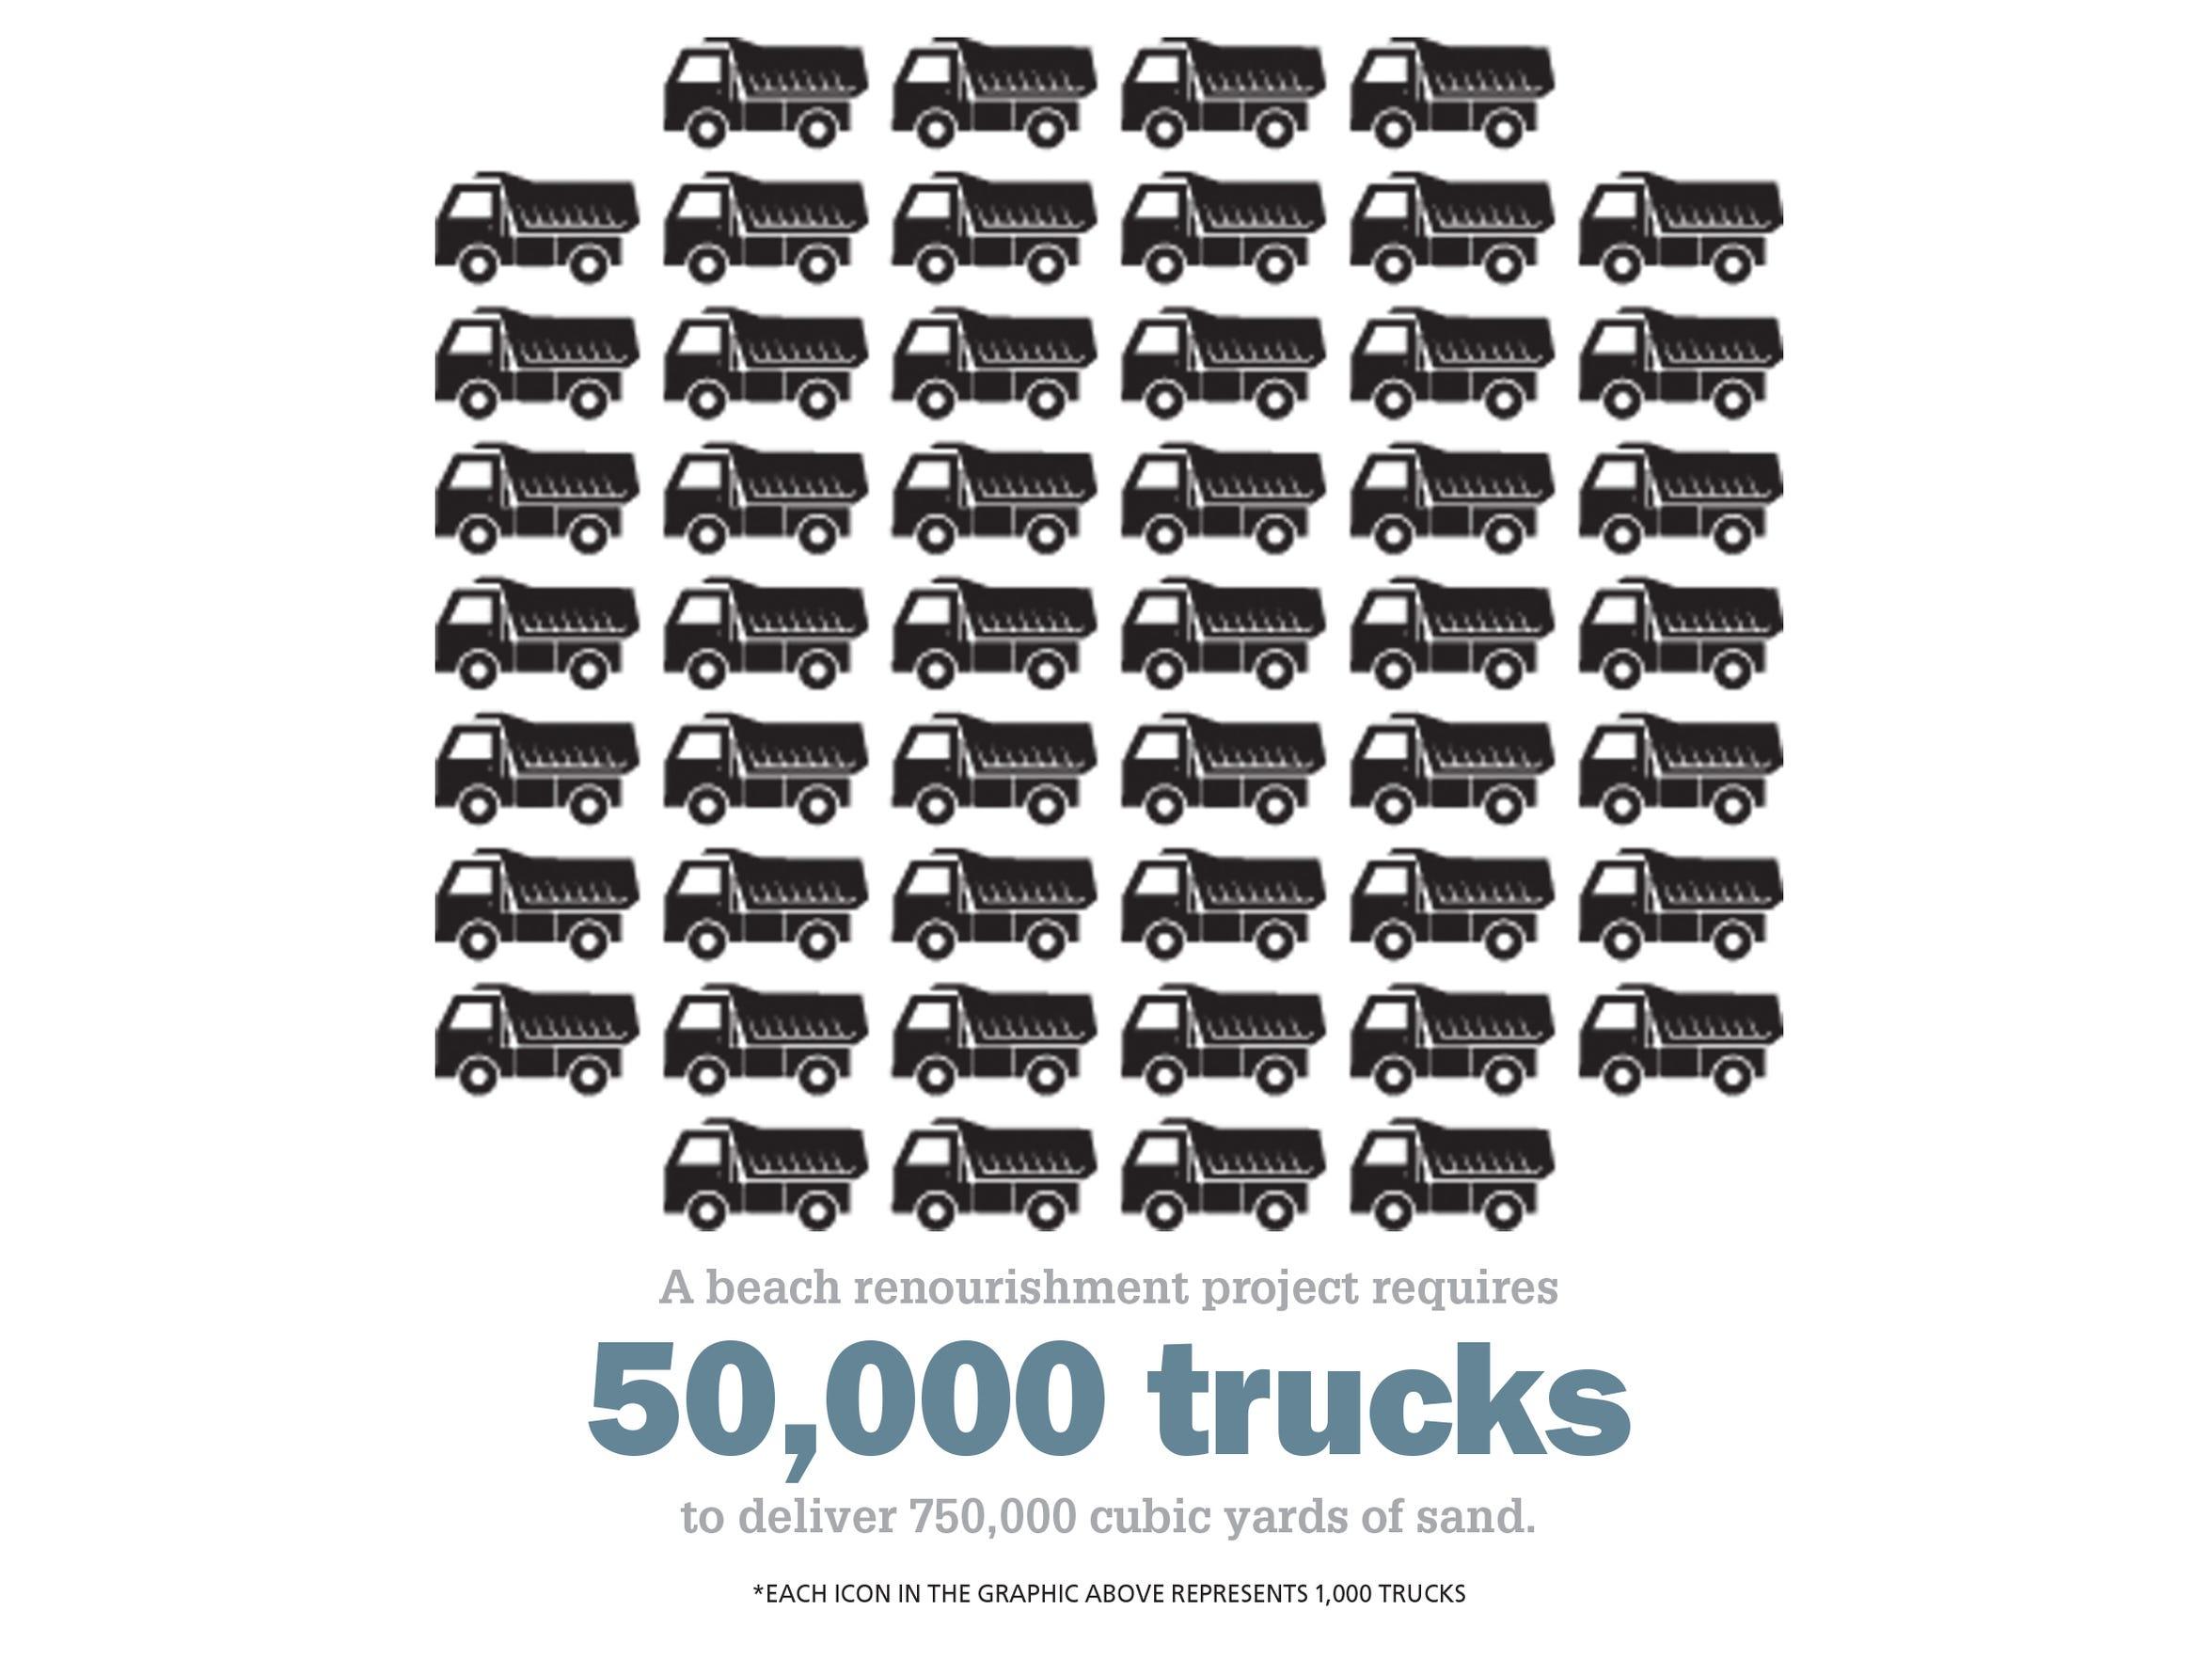 A beach renourishment project requires 50,000 trucks